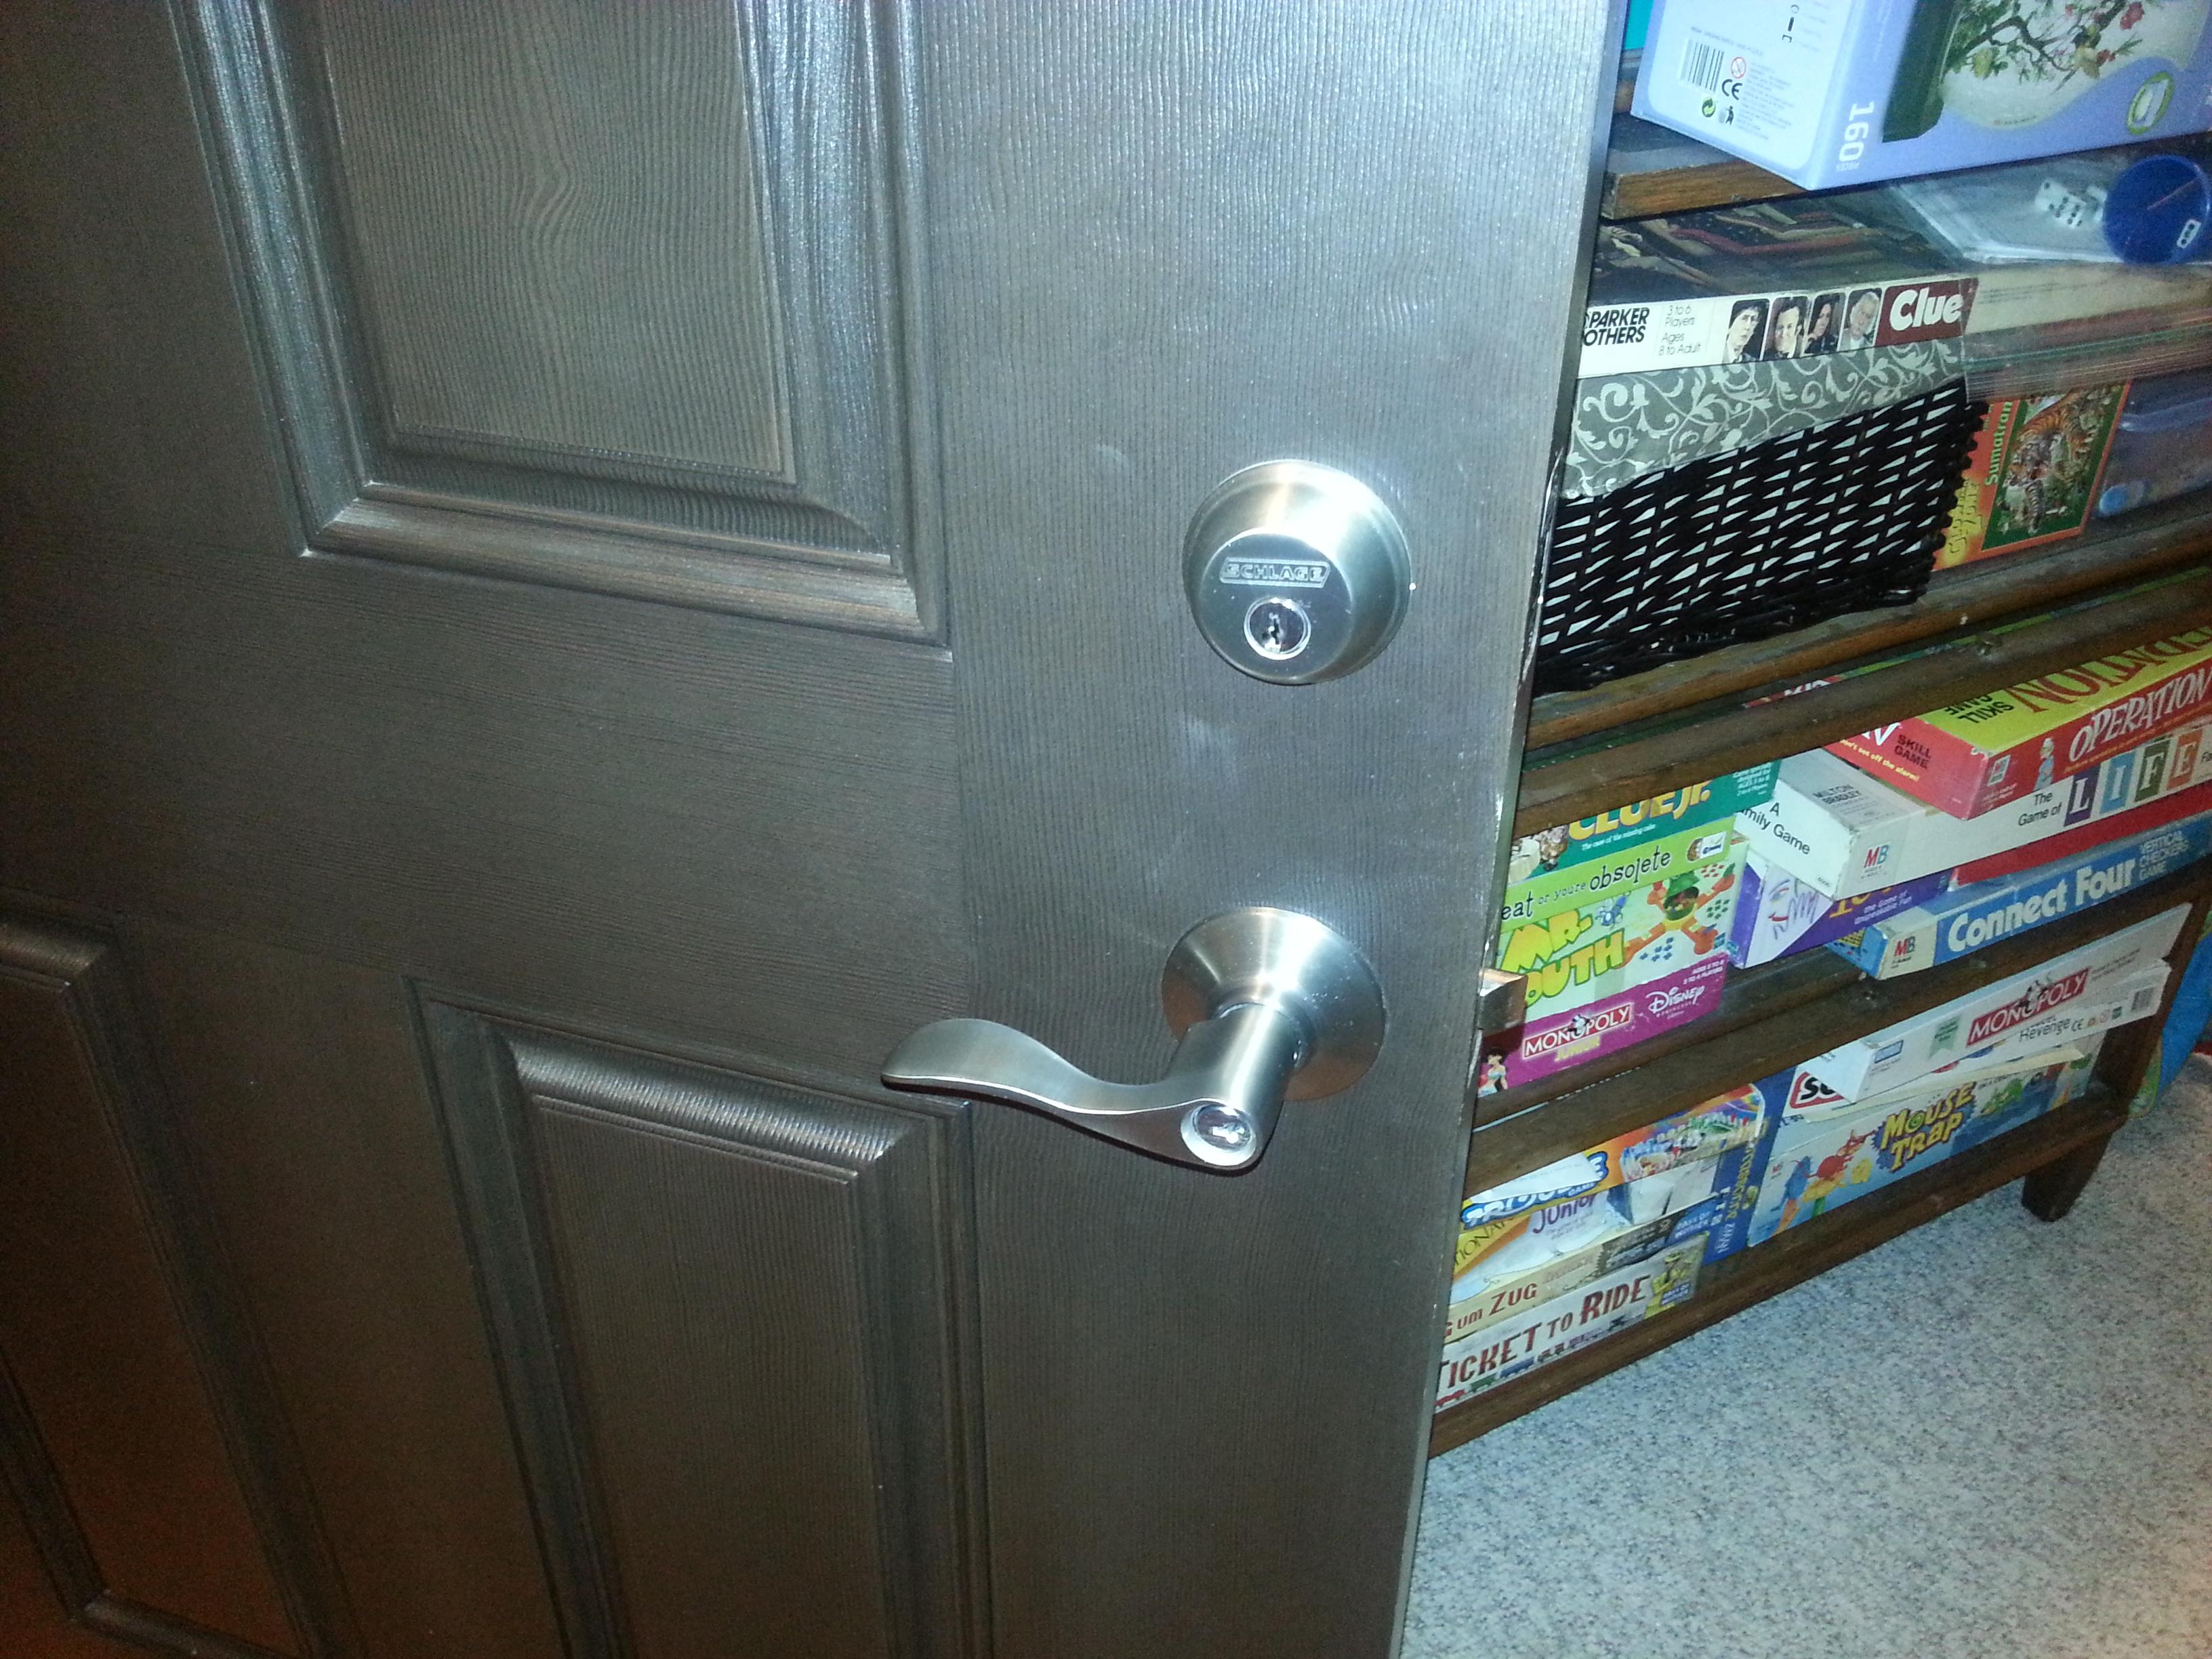 Fix Schlage free egress locks